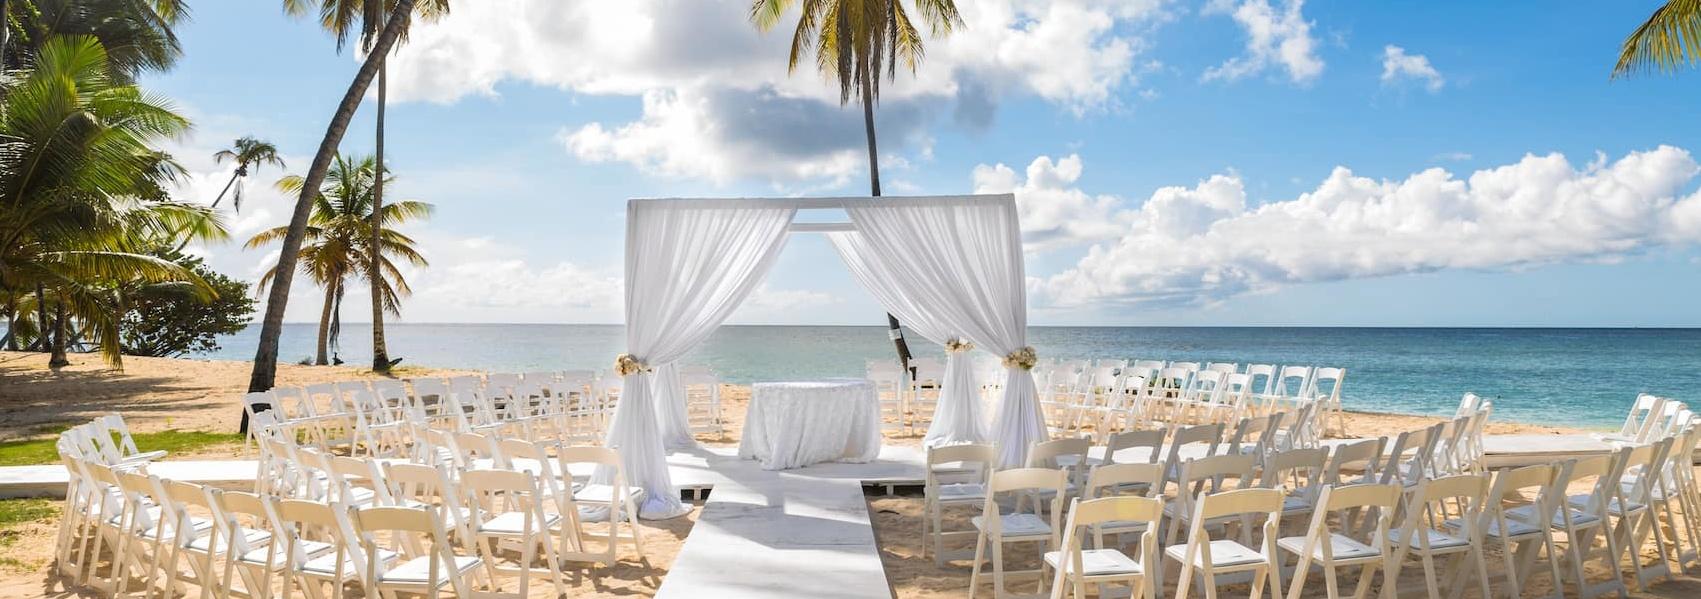 Strandpavillion für Hochzeit am Strand von Tobago